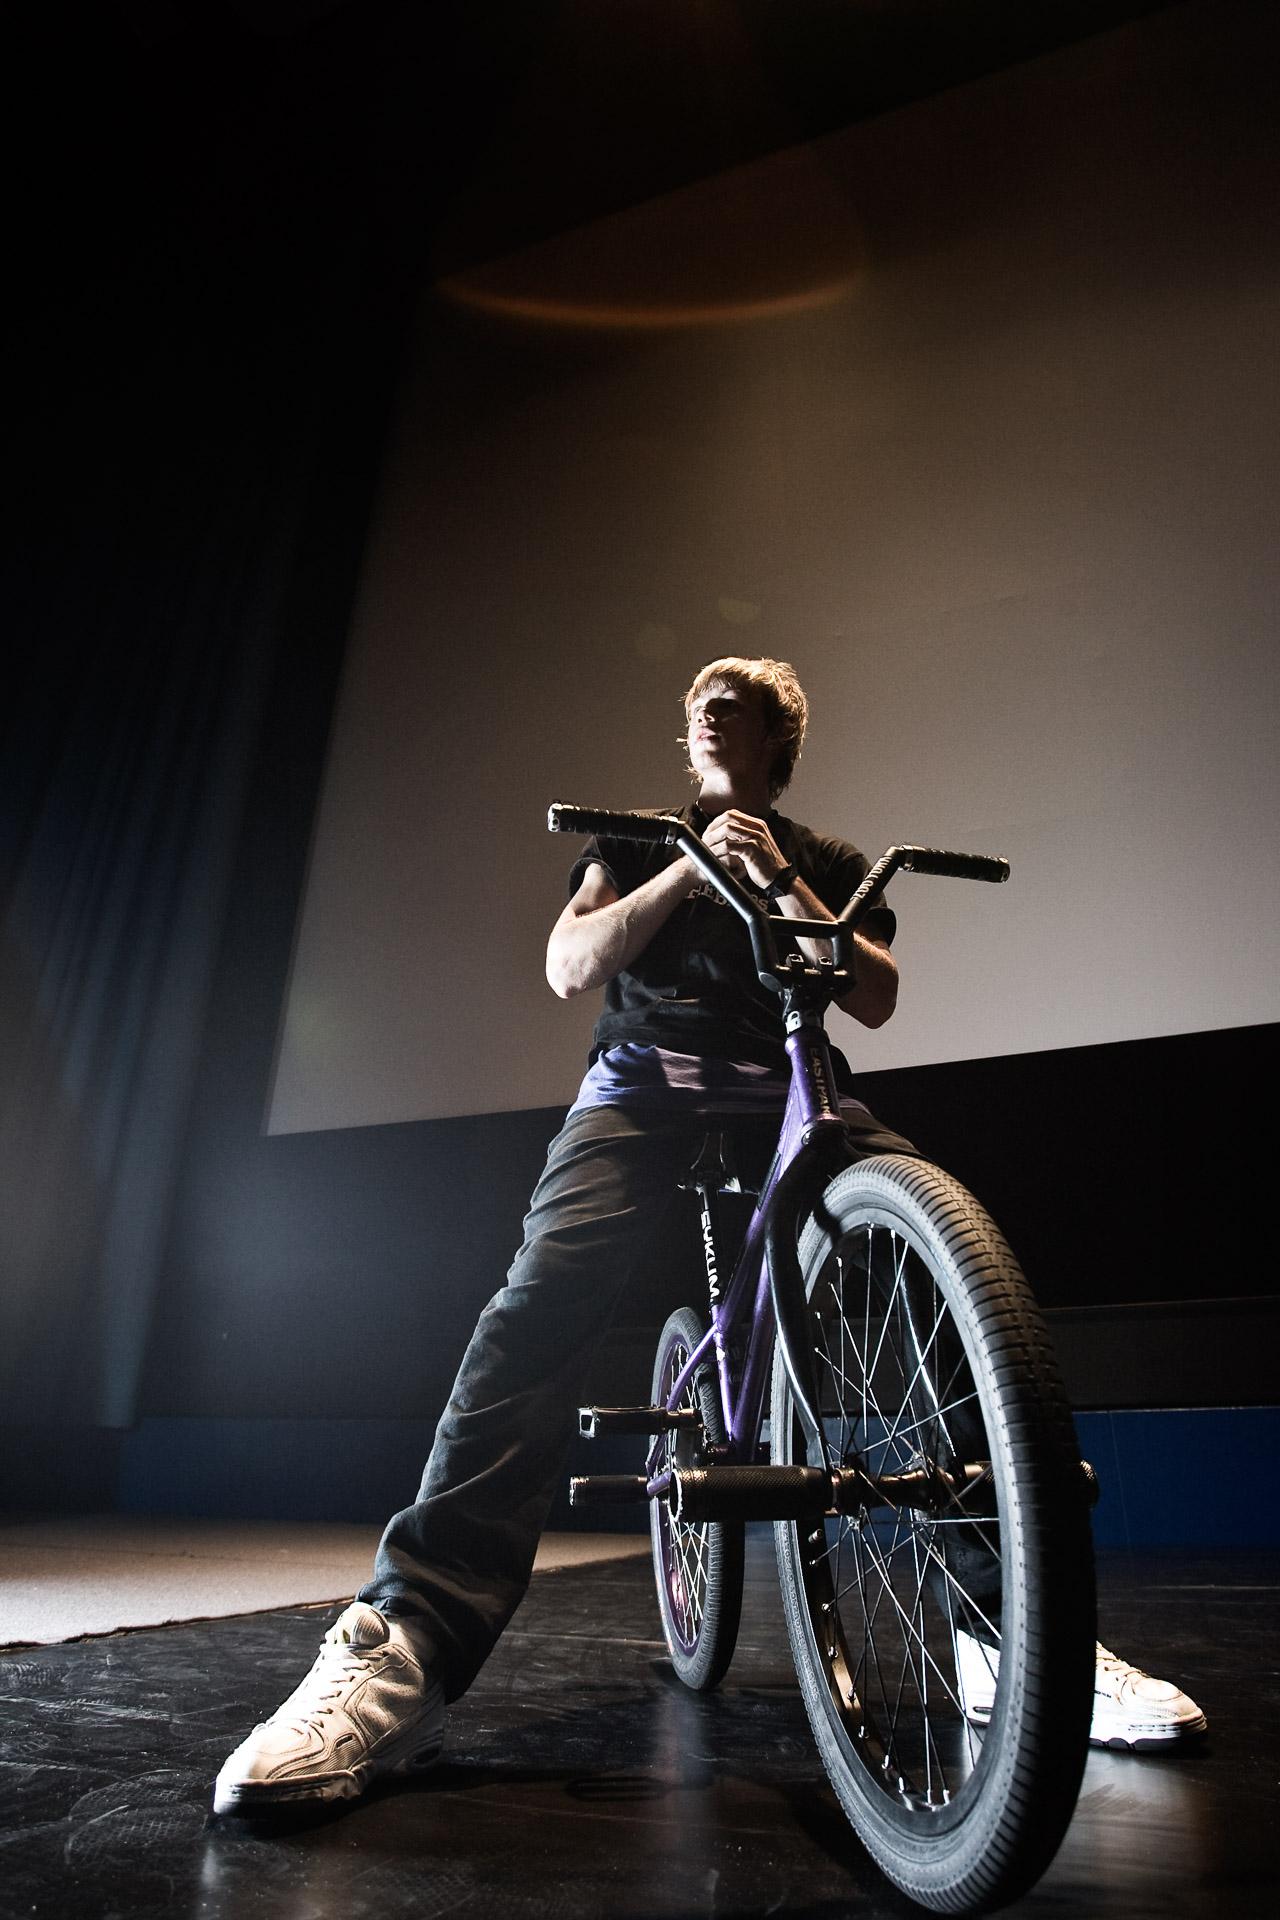 Portraits des Flatland BMX Profis Chris Böhm vor einem Auftritt im ICC Berlin